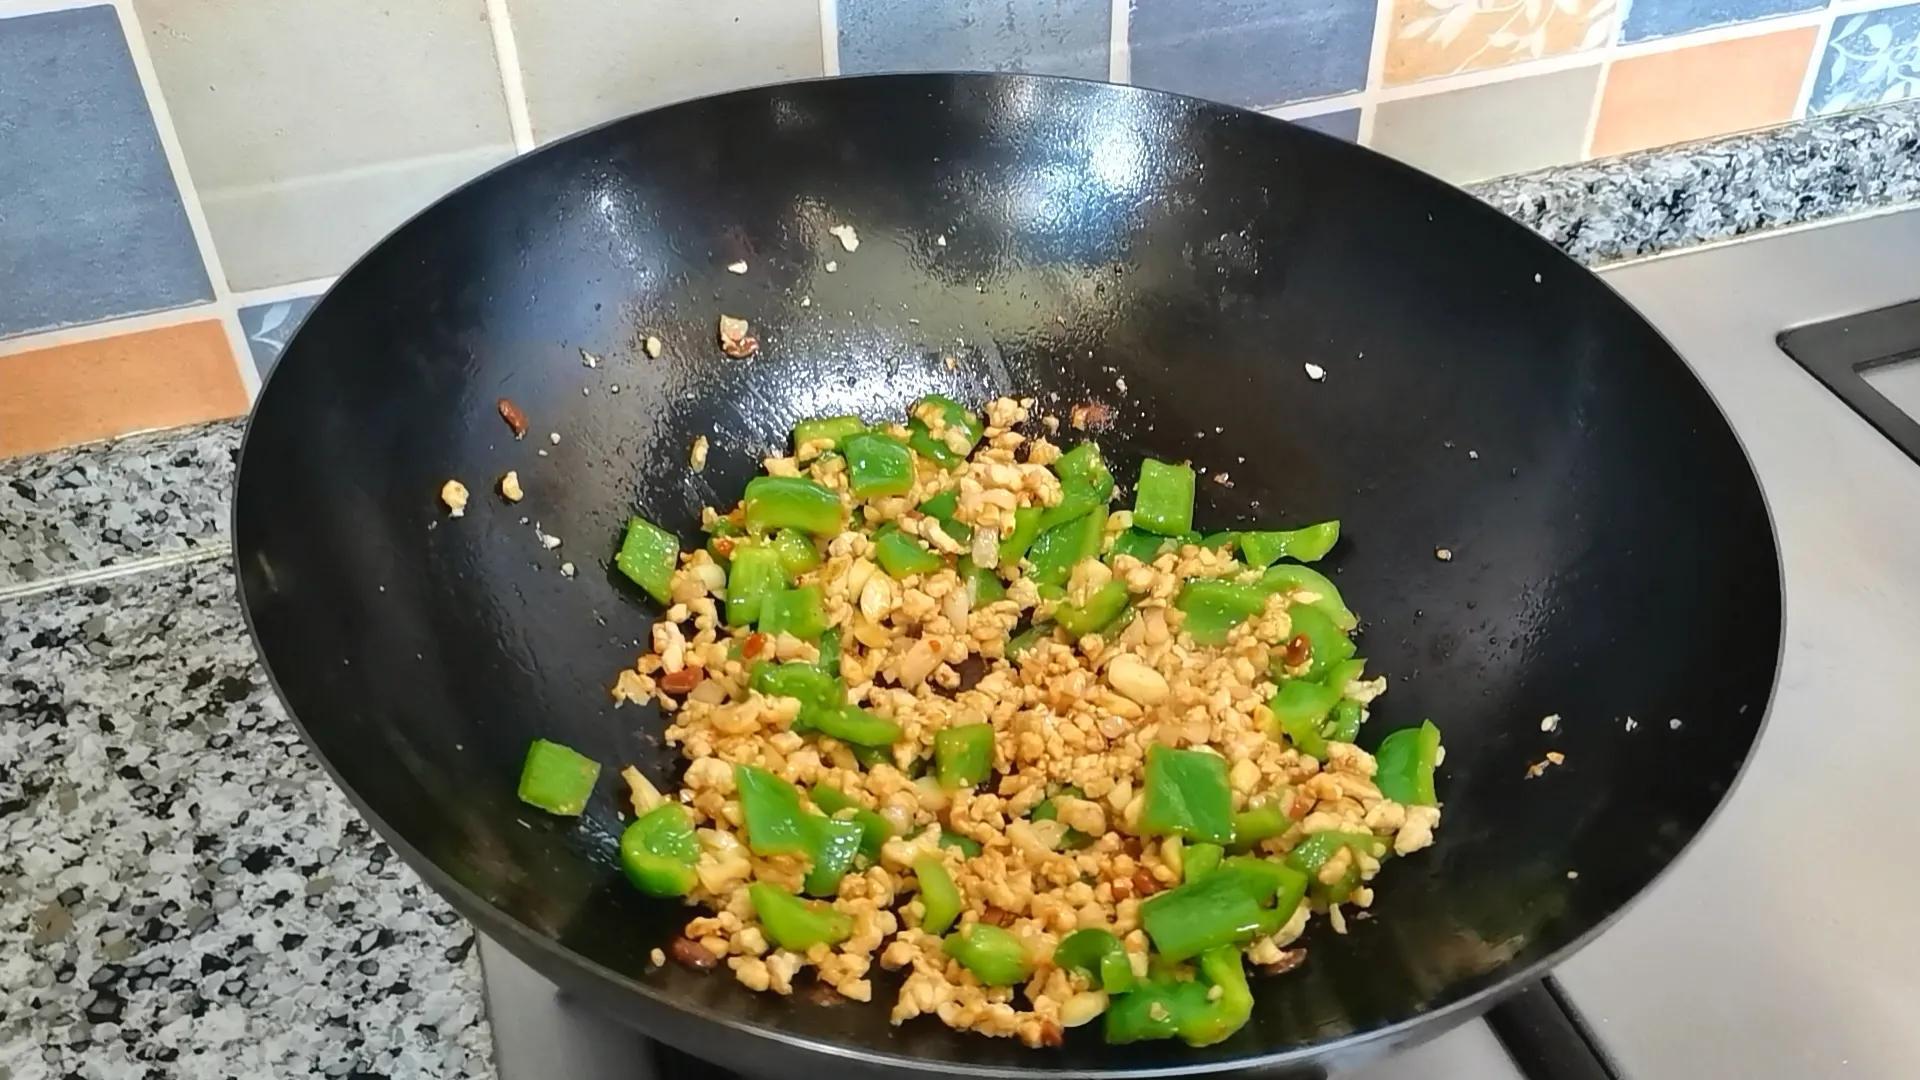 土豆的神仙吃法,连孩子都能多吃半碗饭,制作简单,好吃又营养 美食做法 第9张